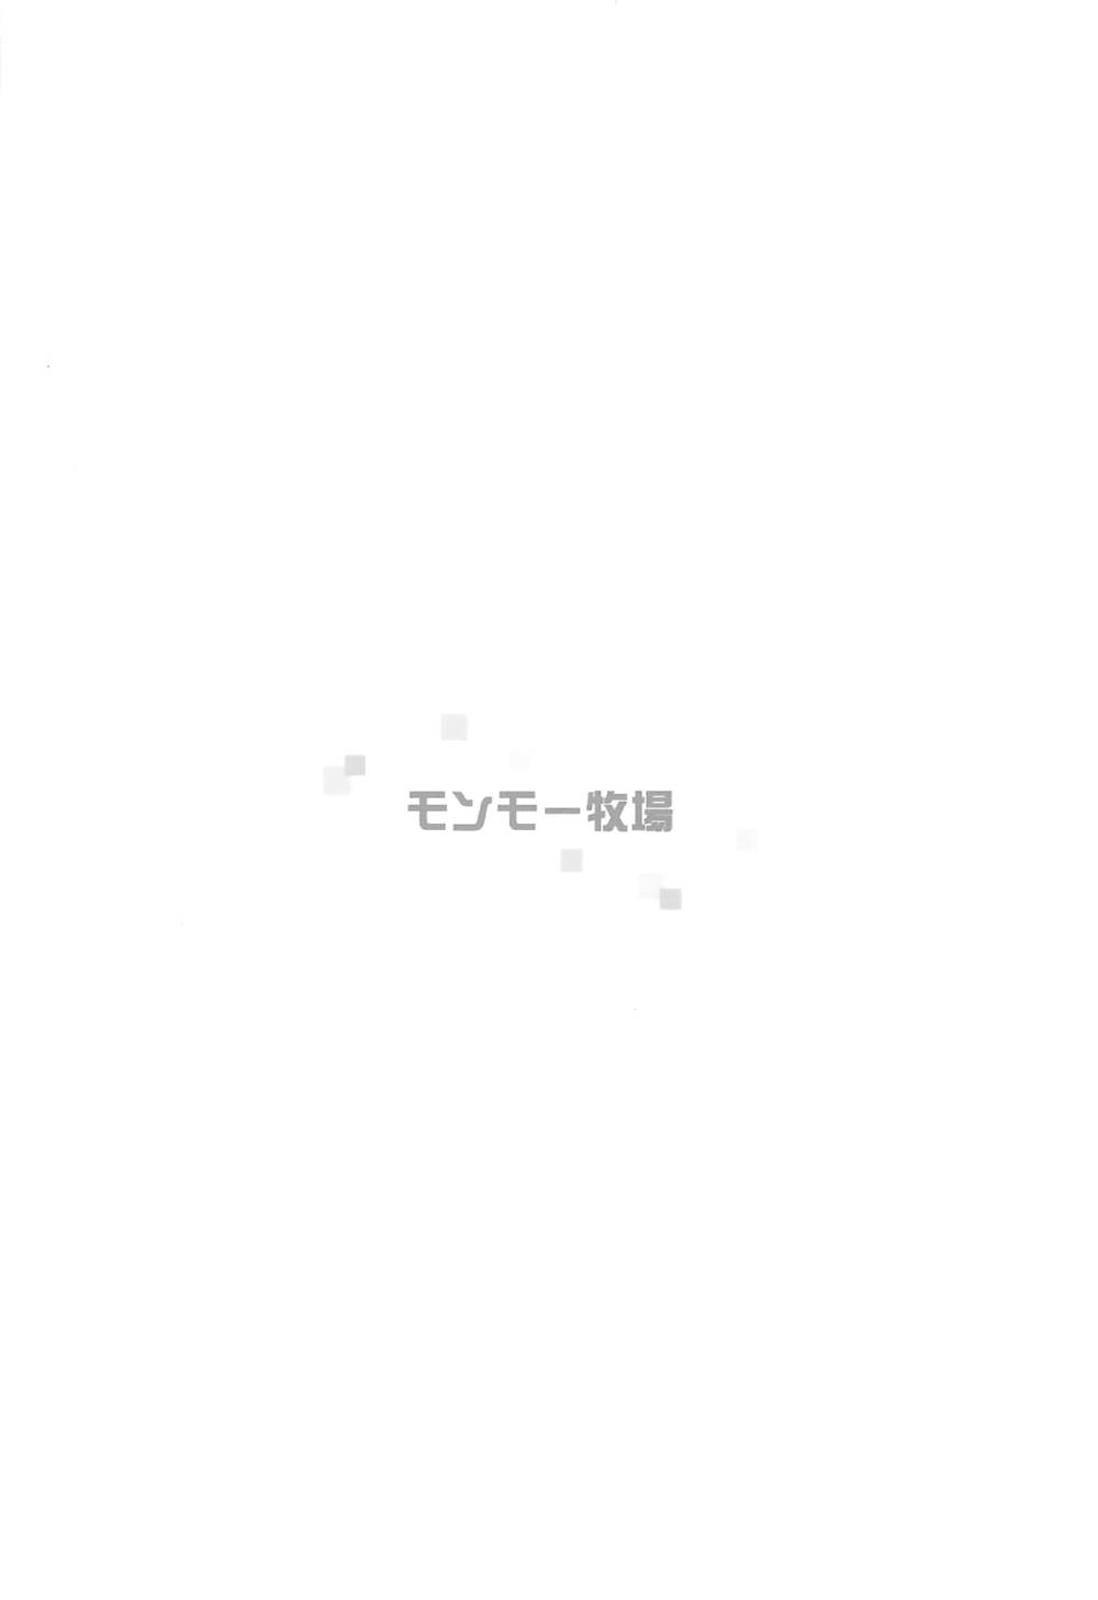 Kimi no Egao ga Boku no Hoshi 26